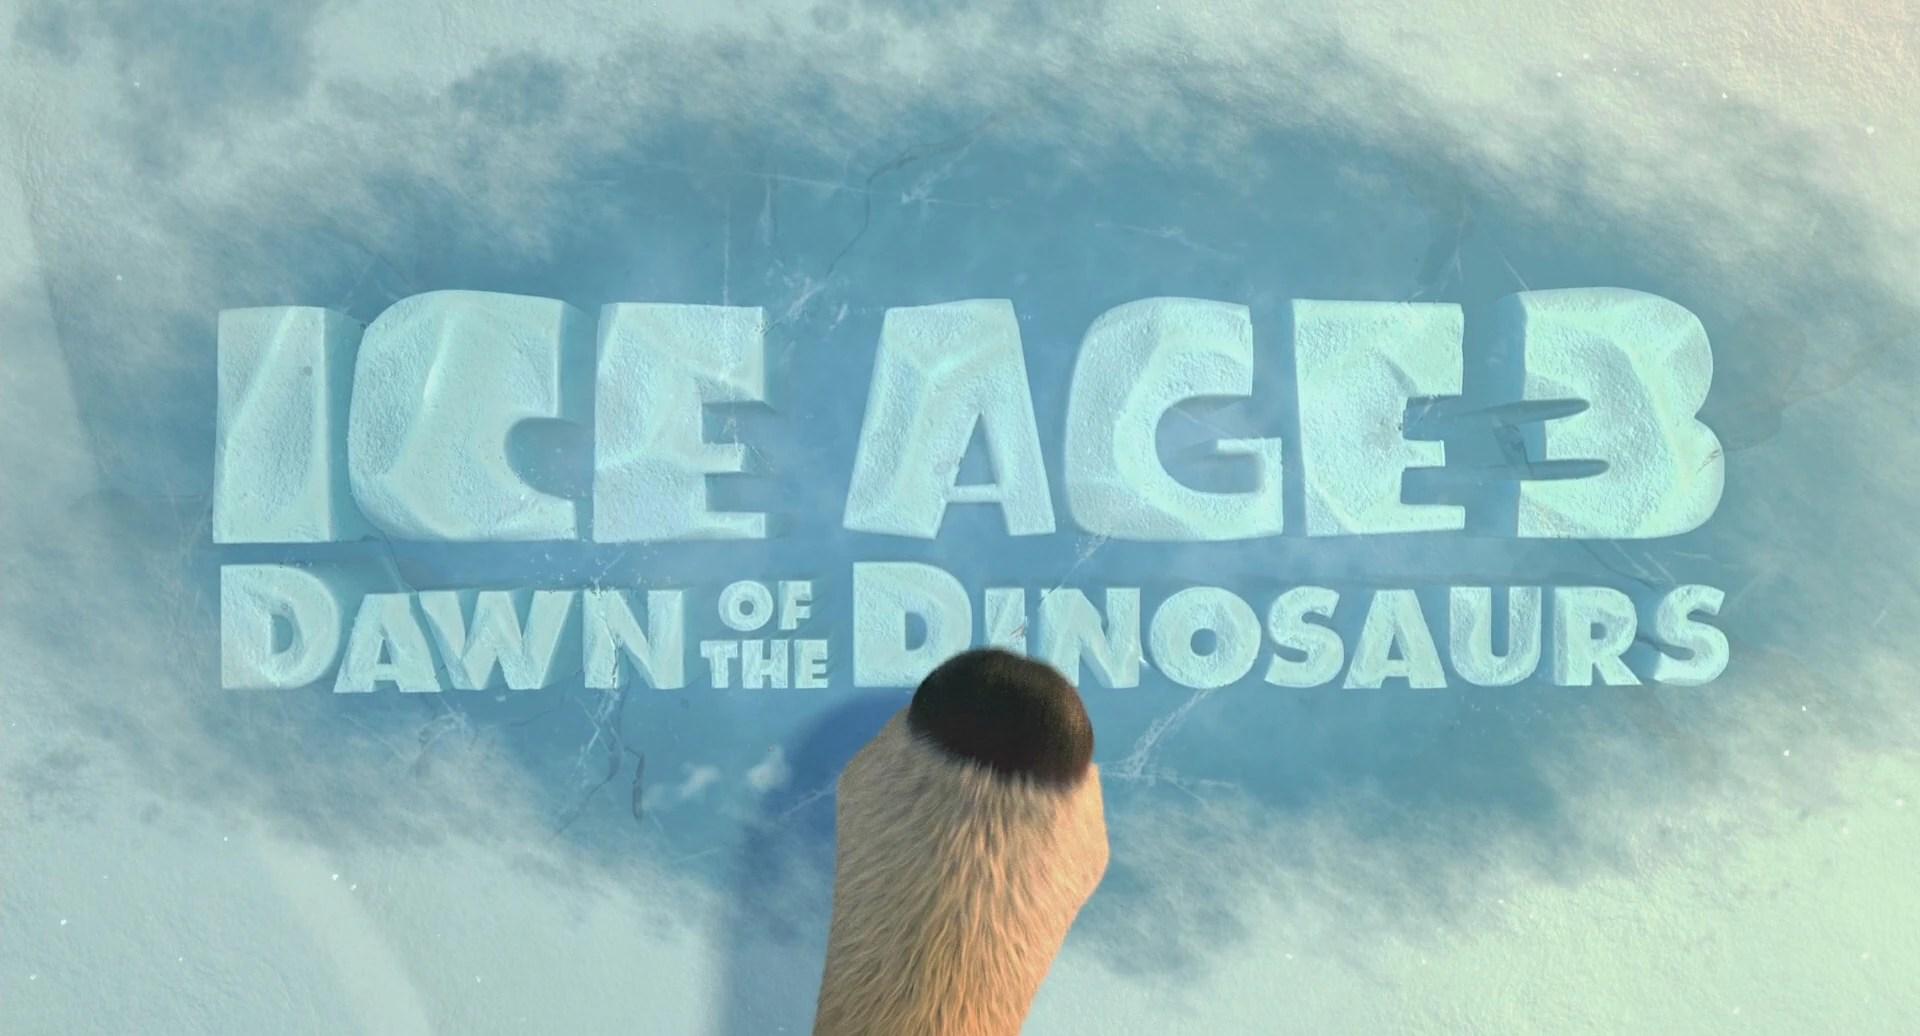 Ice Age Disney Screencaps